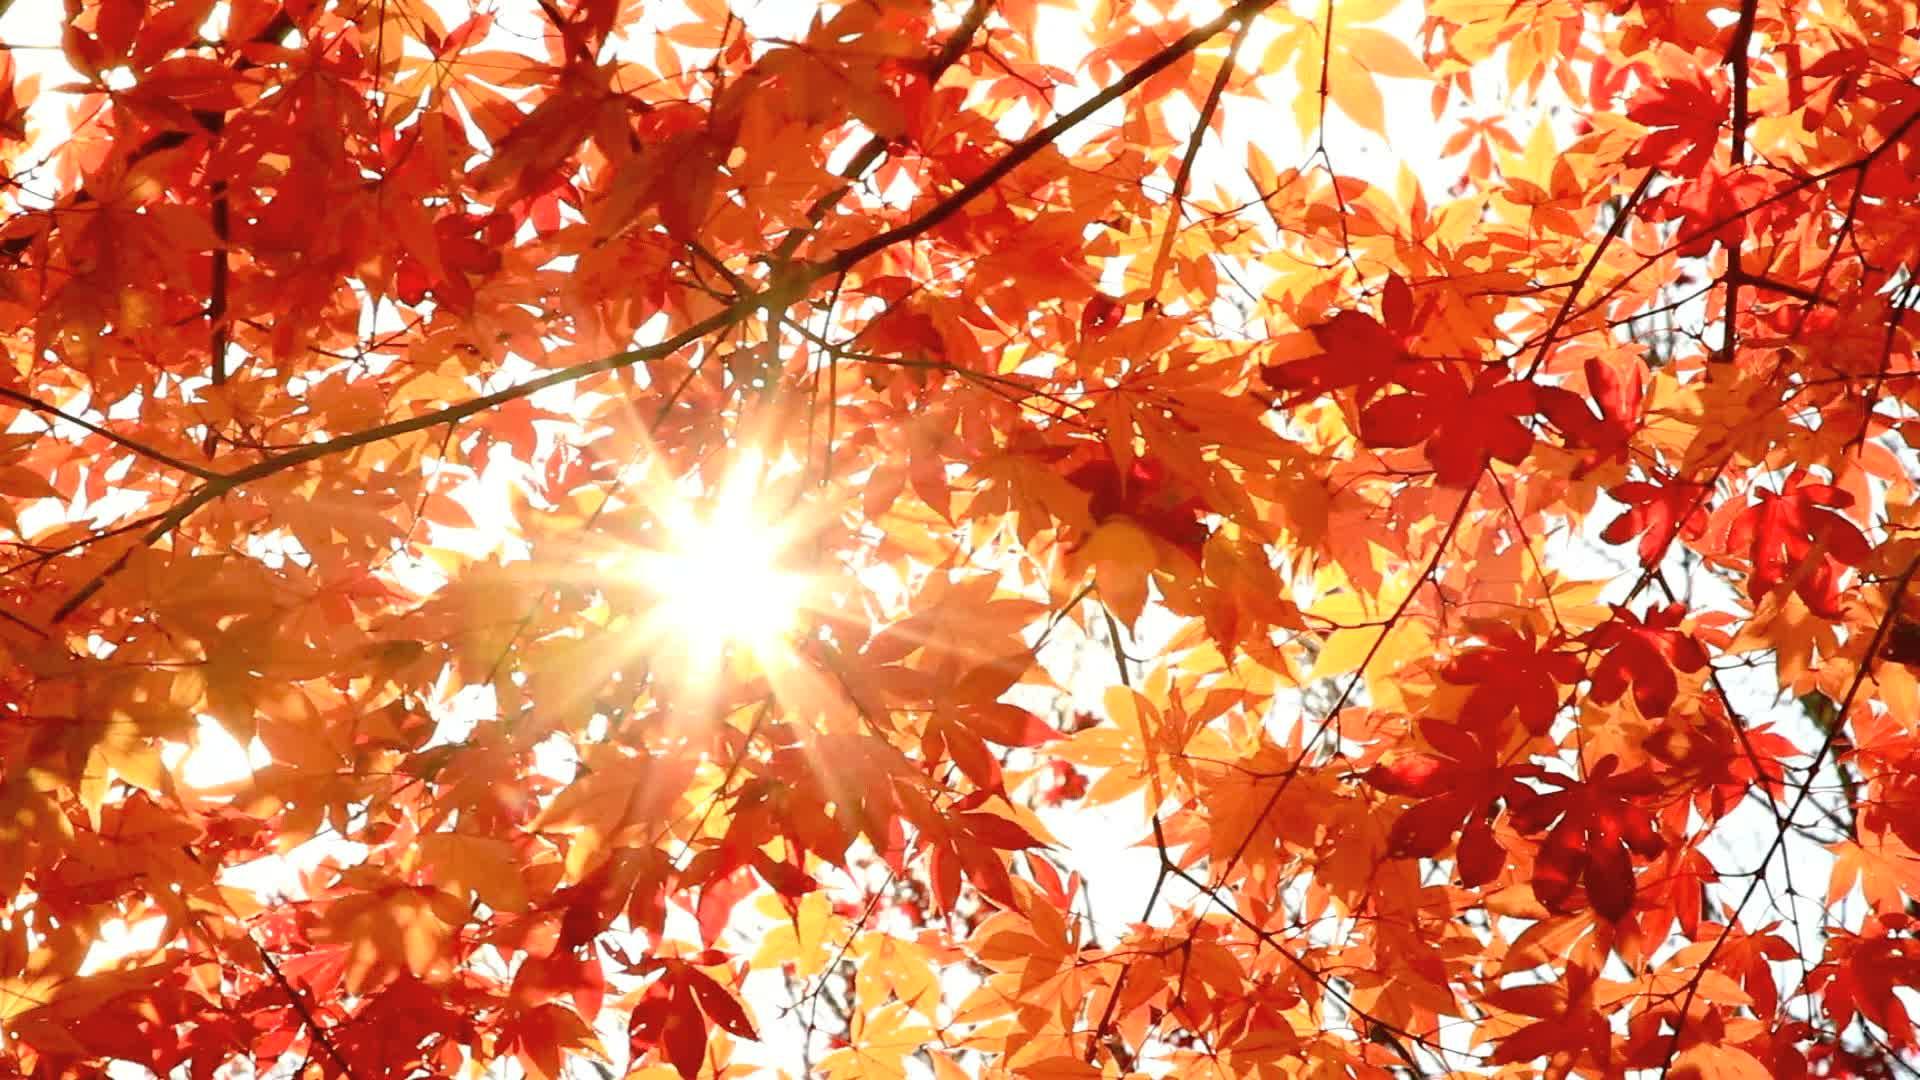 Sun shining through autumn leaves. ~ Video Clip #12614022